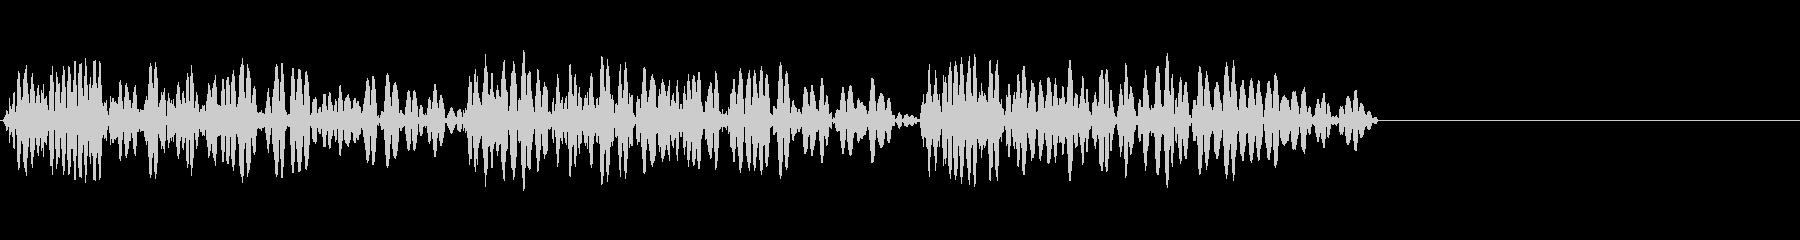 ドンドンドンとドアを叩く音の未再生の波形